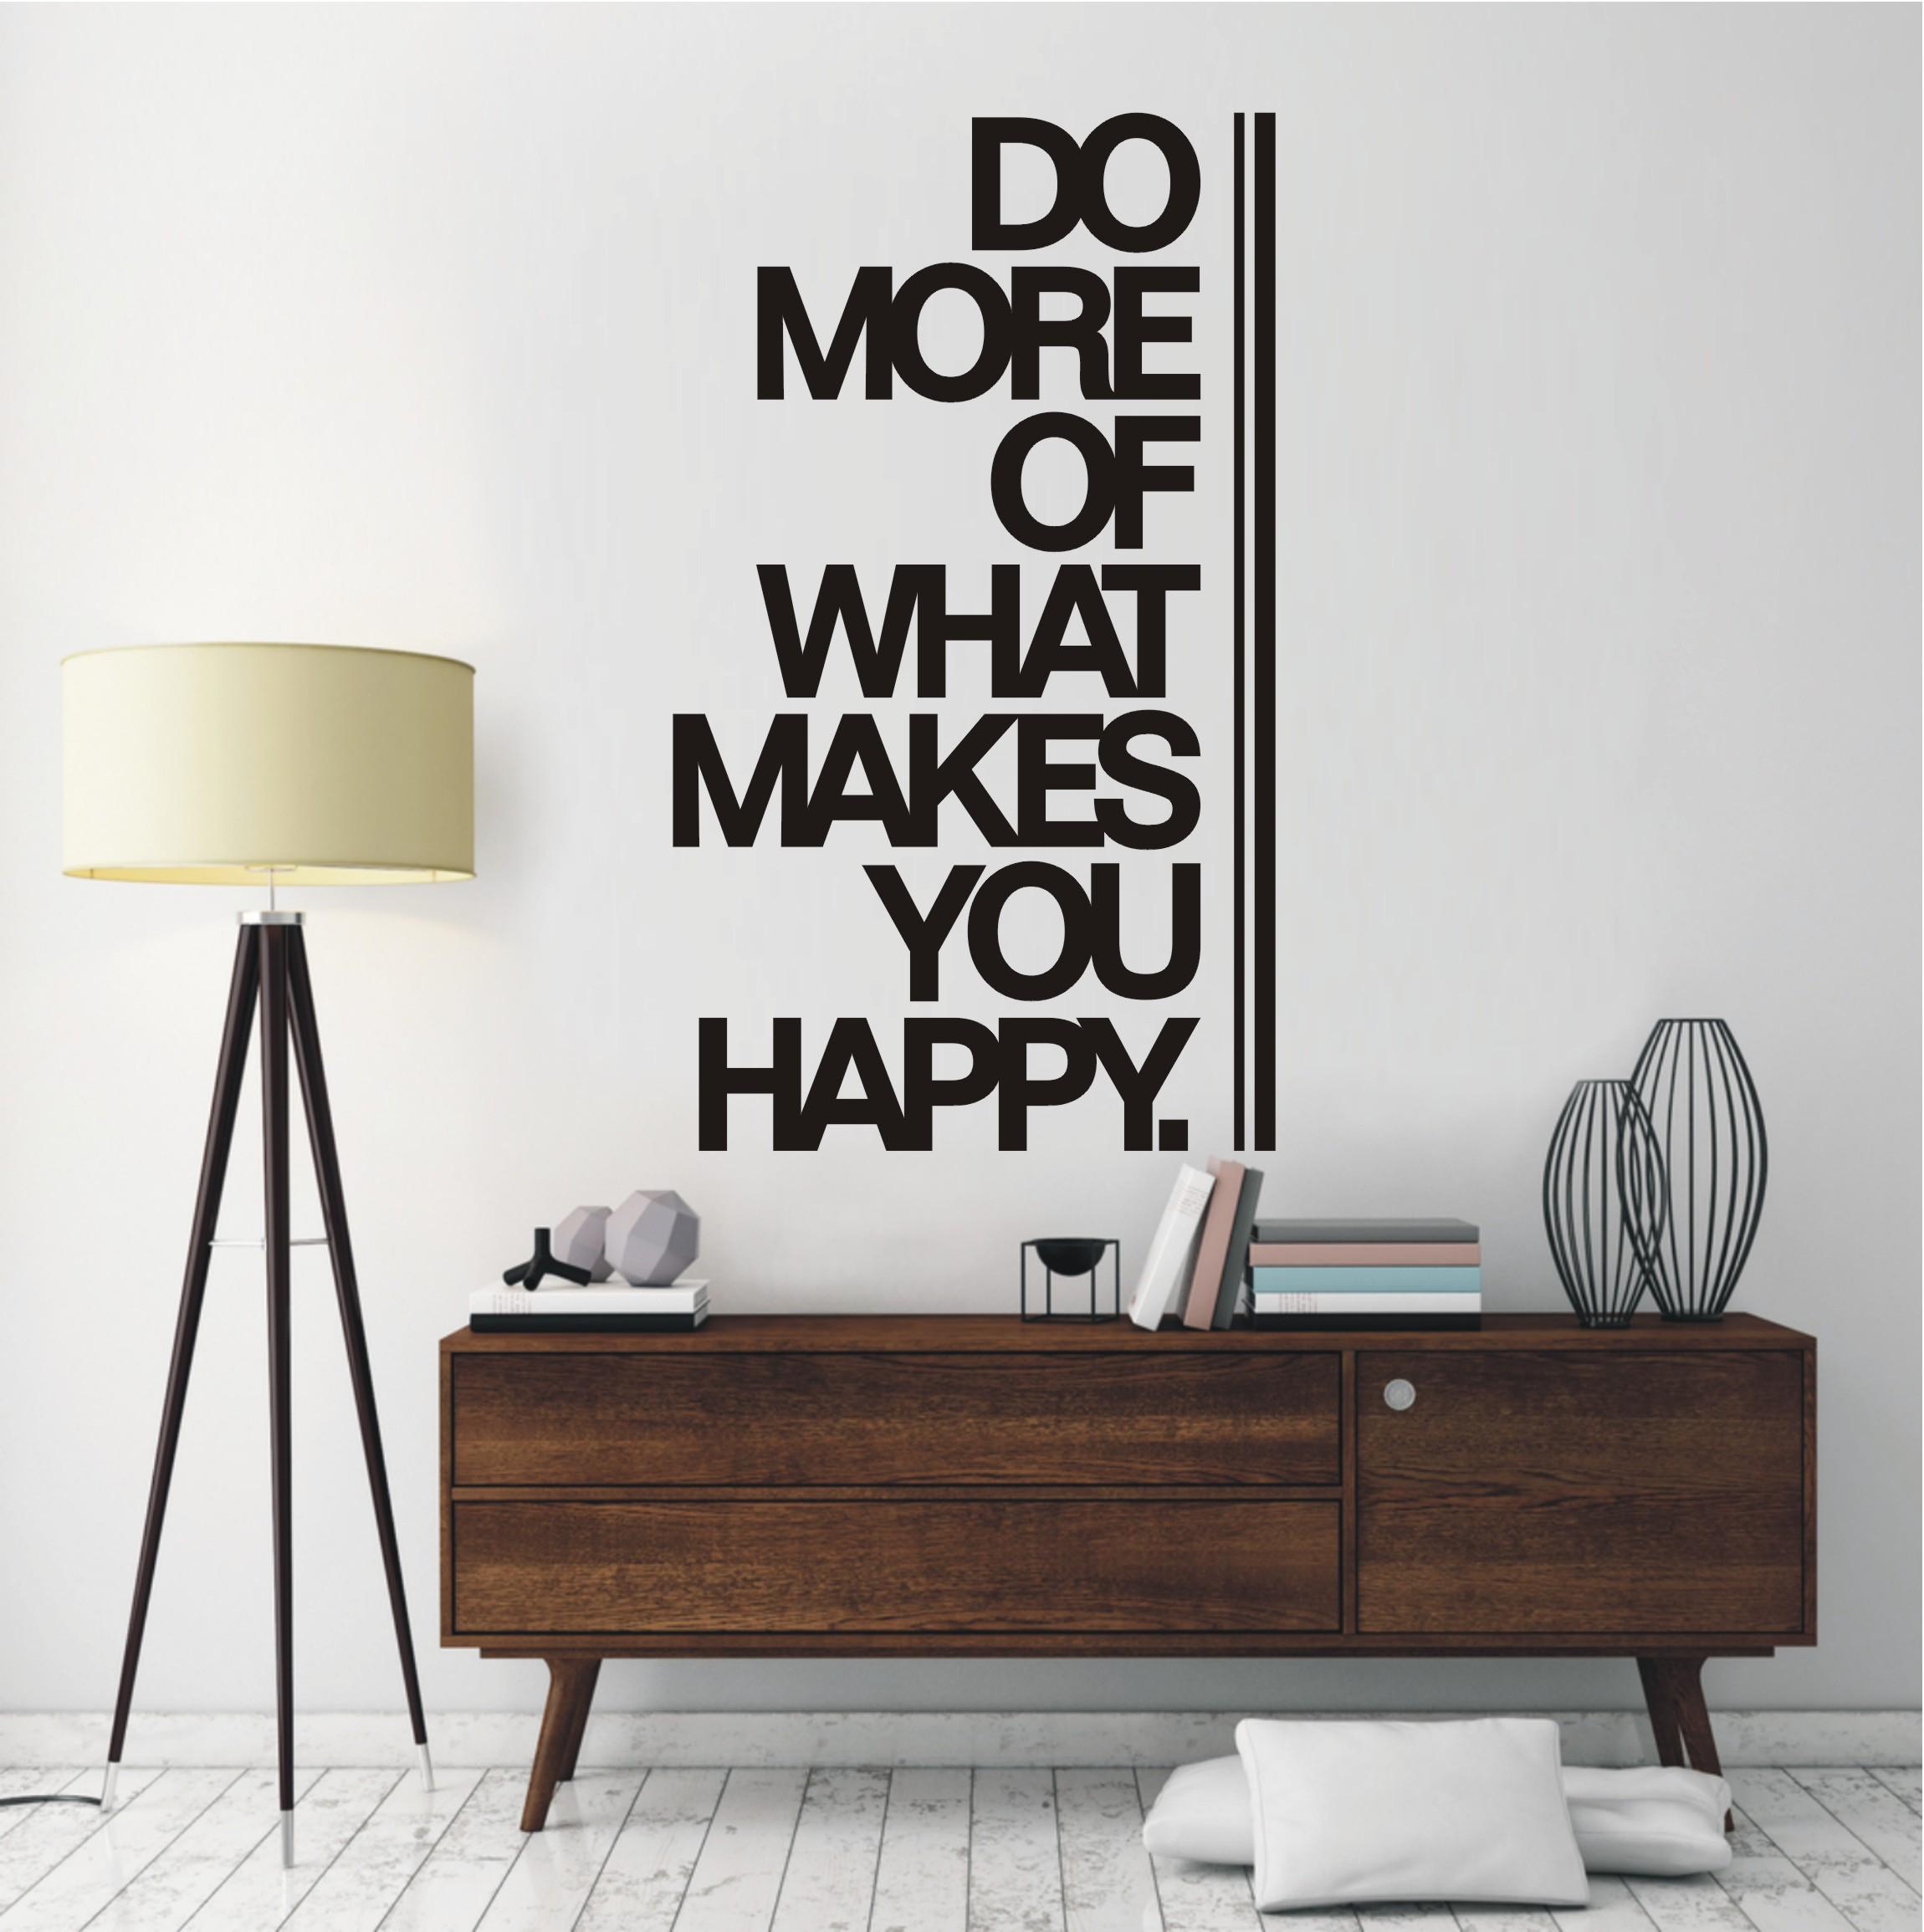 wandtattoo-do-more-of-what-makes-you-happy-774 Erstaunlich Wohnzimmer Deko Online Shop Dekorationen